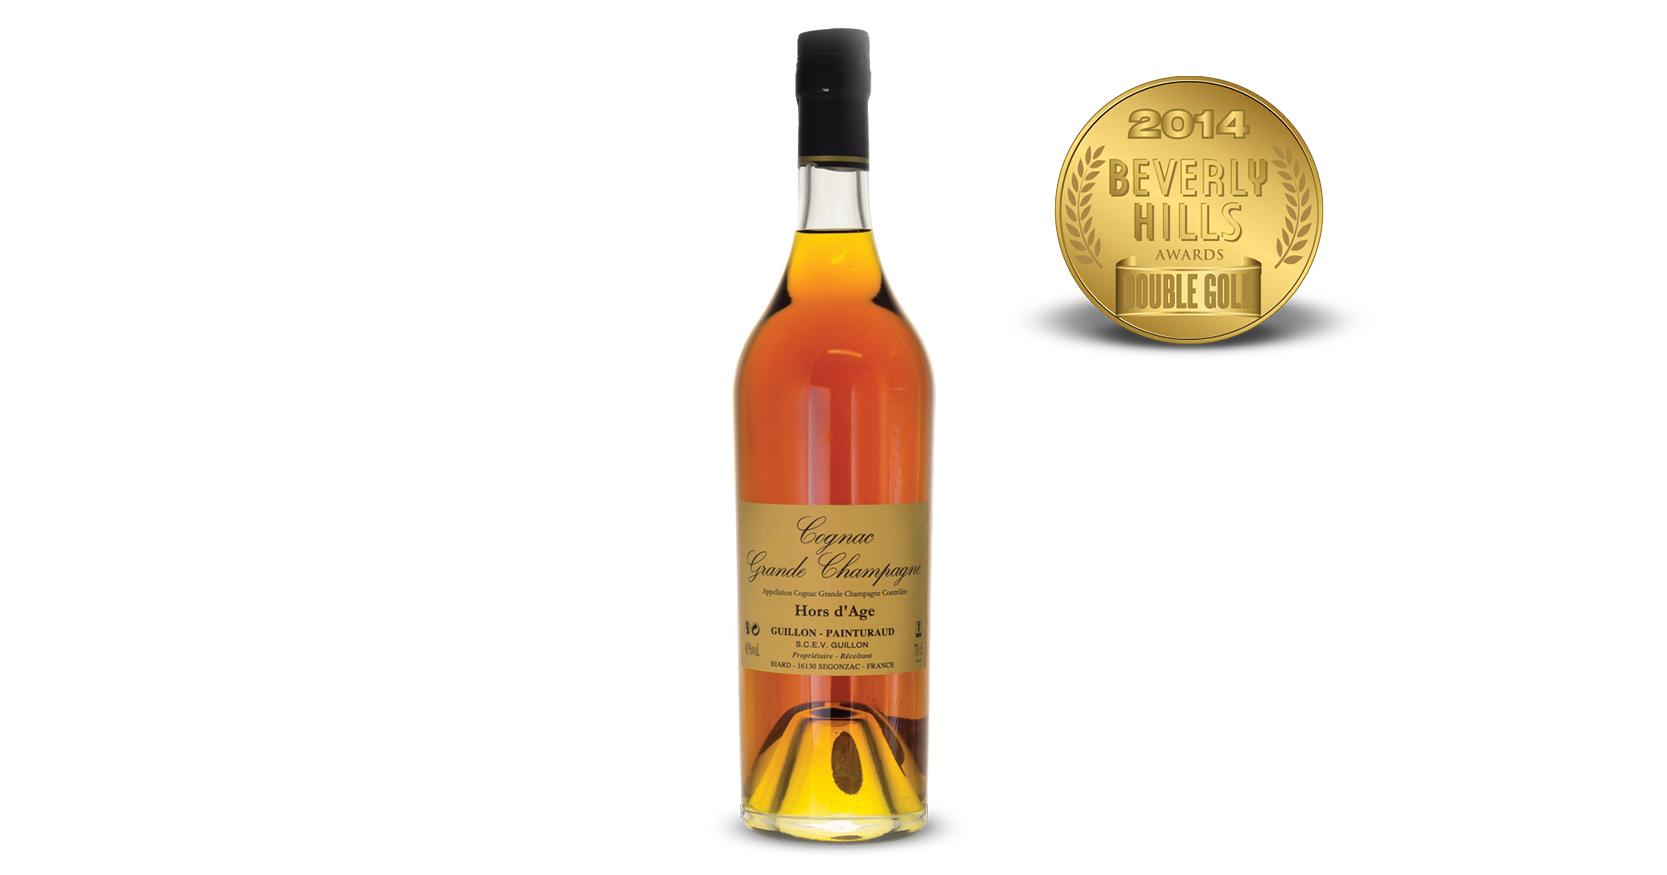 Guillon Painturaud Grand Champagne Cognac Hors d'Age